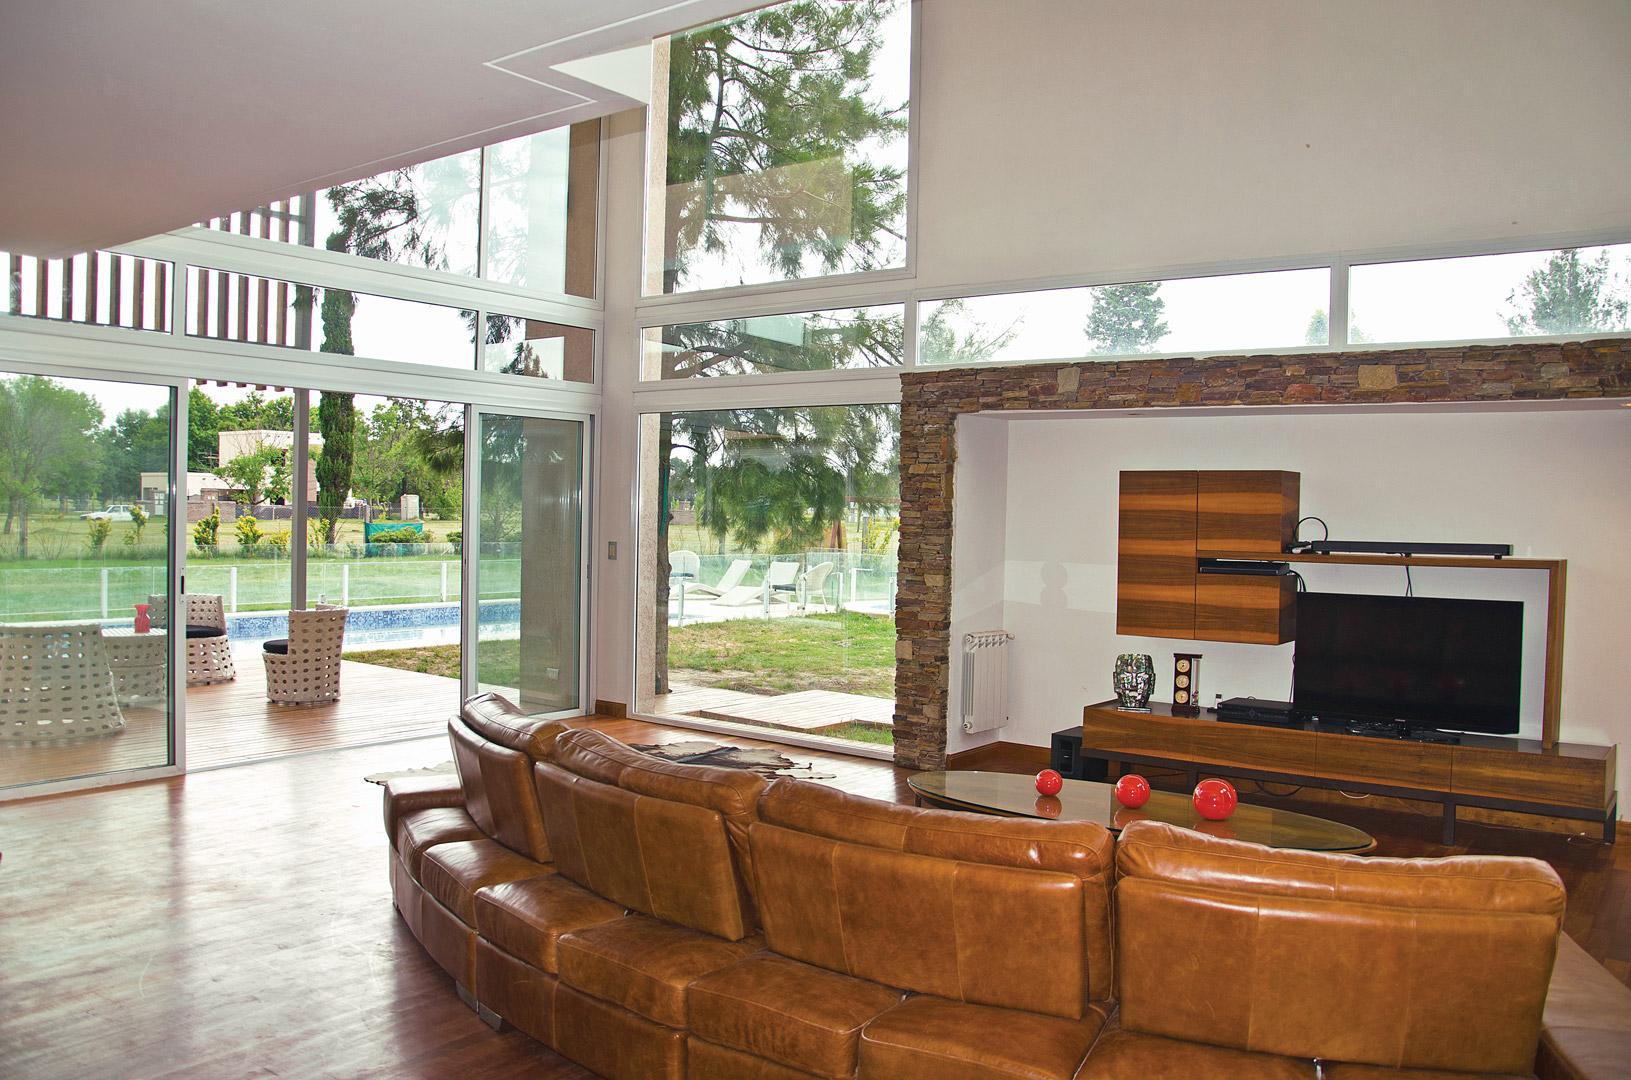 Estudio ploa arquitectos casa 1d portal de arquitectos - Estudio de arquitectos ...